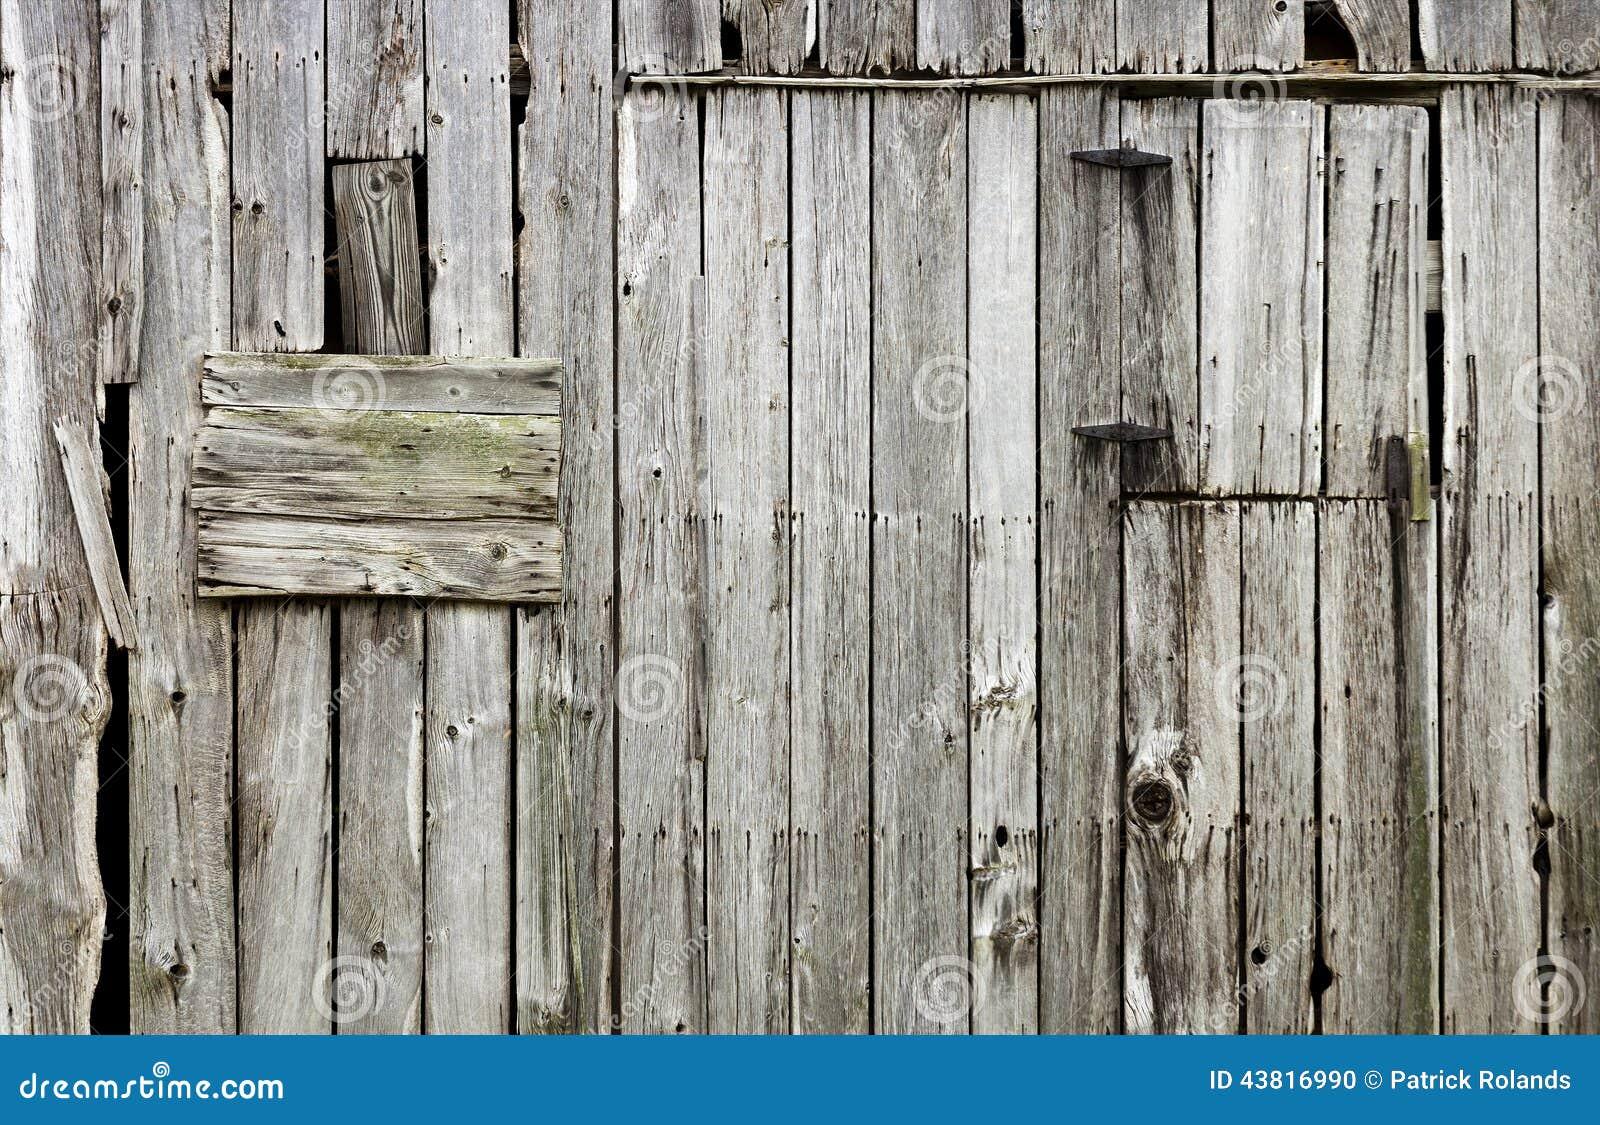 Weathered Old Wood Barn Background Stock Photo Image